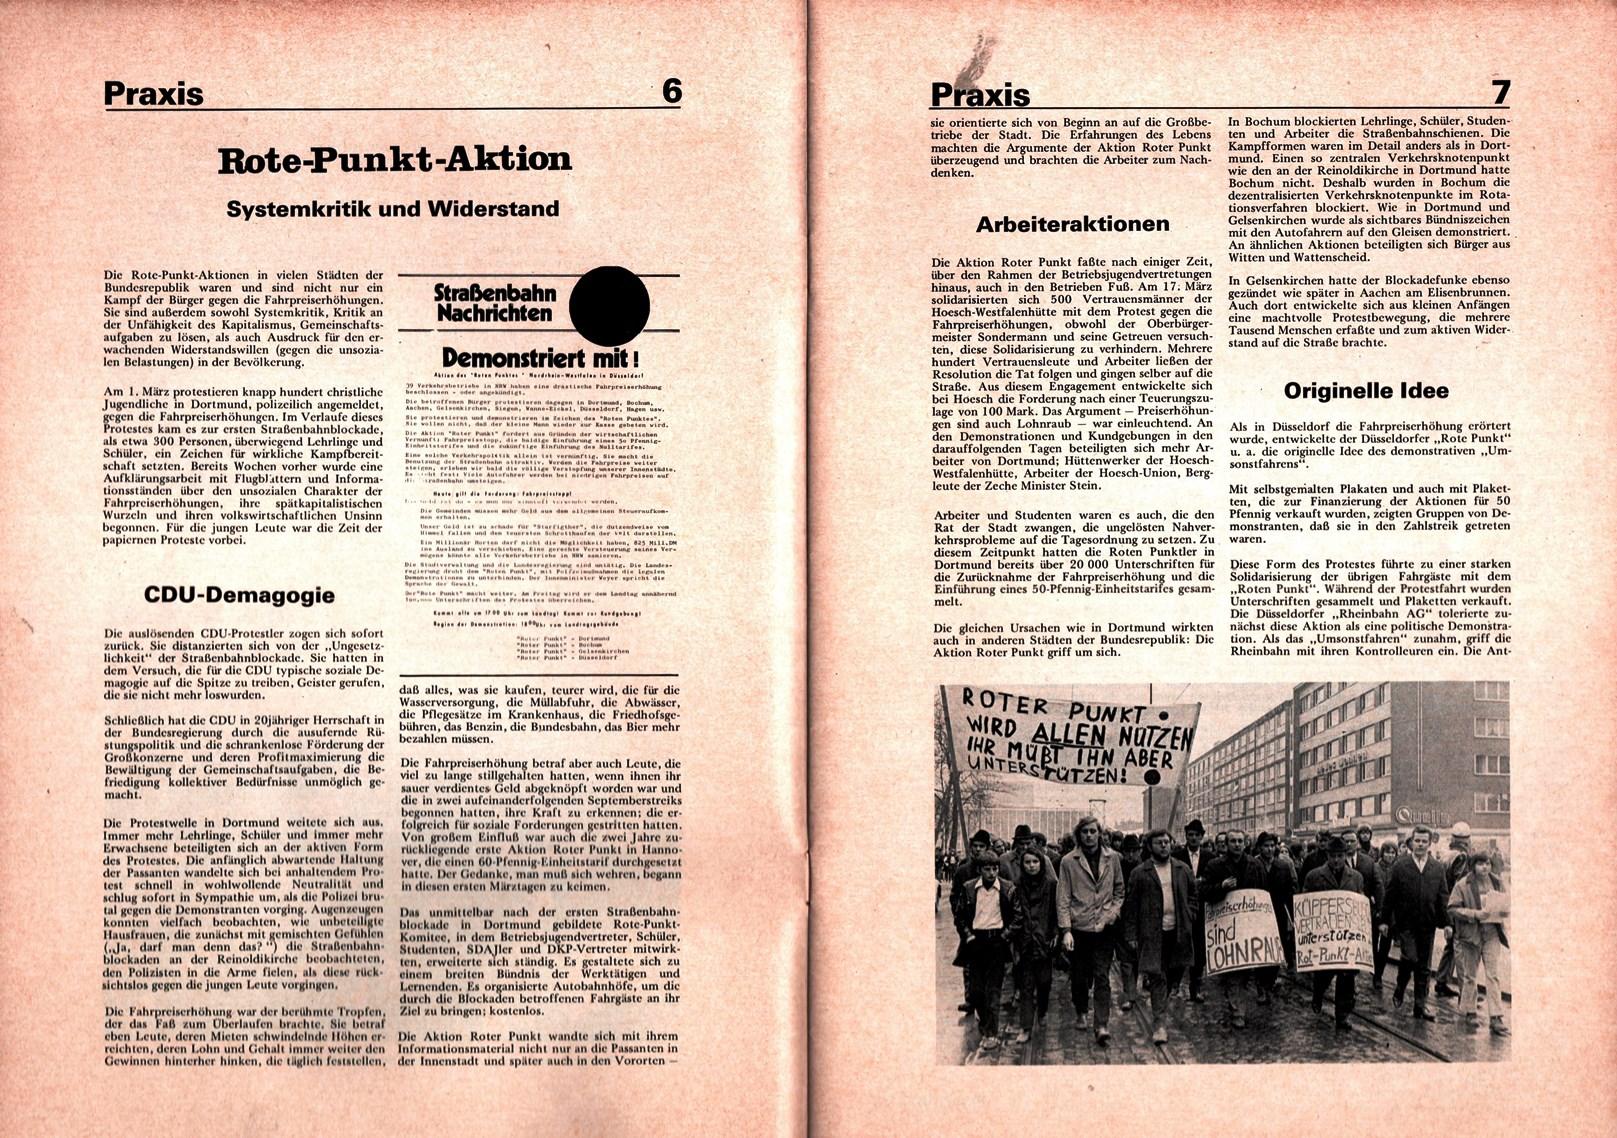 DKP_Praxis_1971_04_004